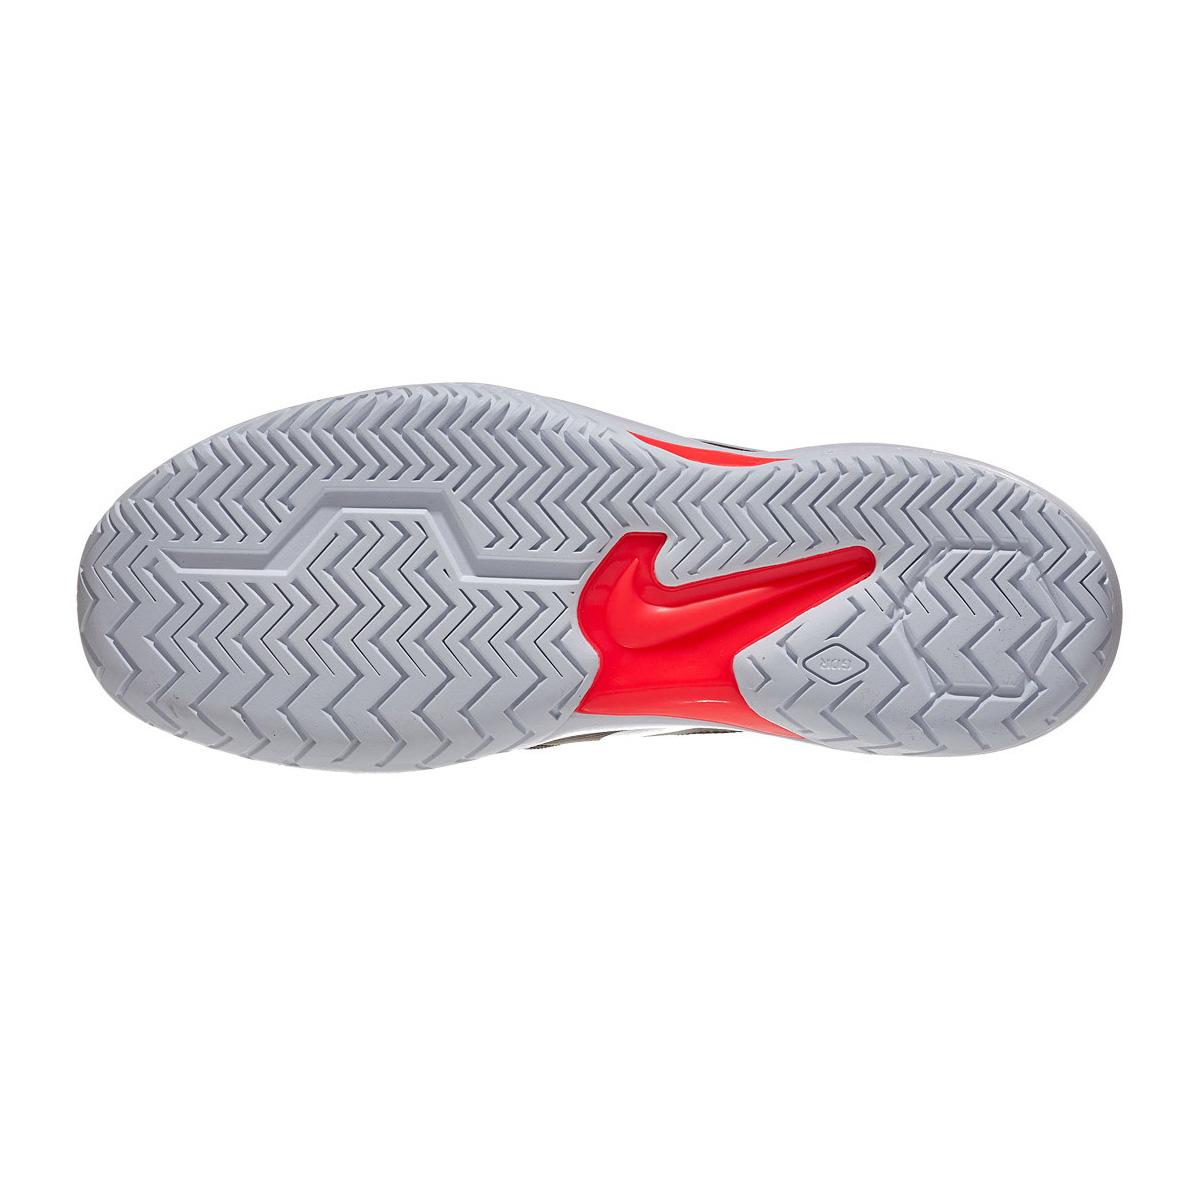 0288b4c6fe Tênis Nike Air Zoom Resistance - Coleção 2019 - Empório do Tenista